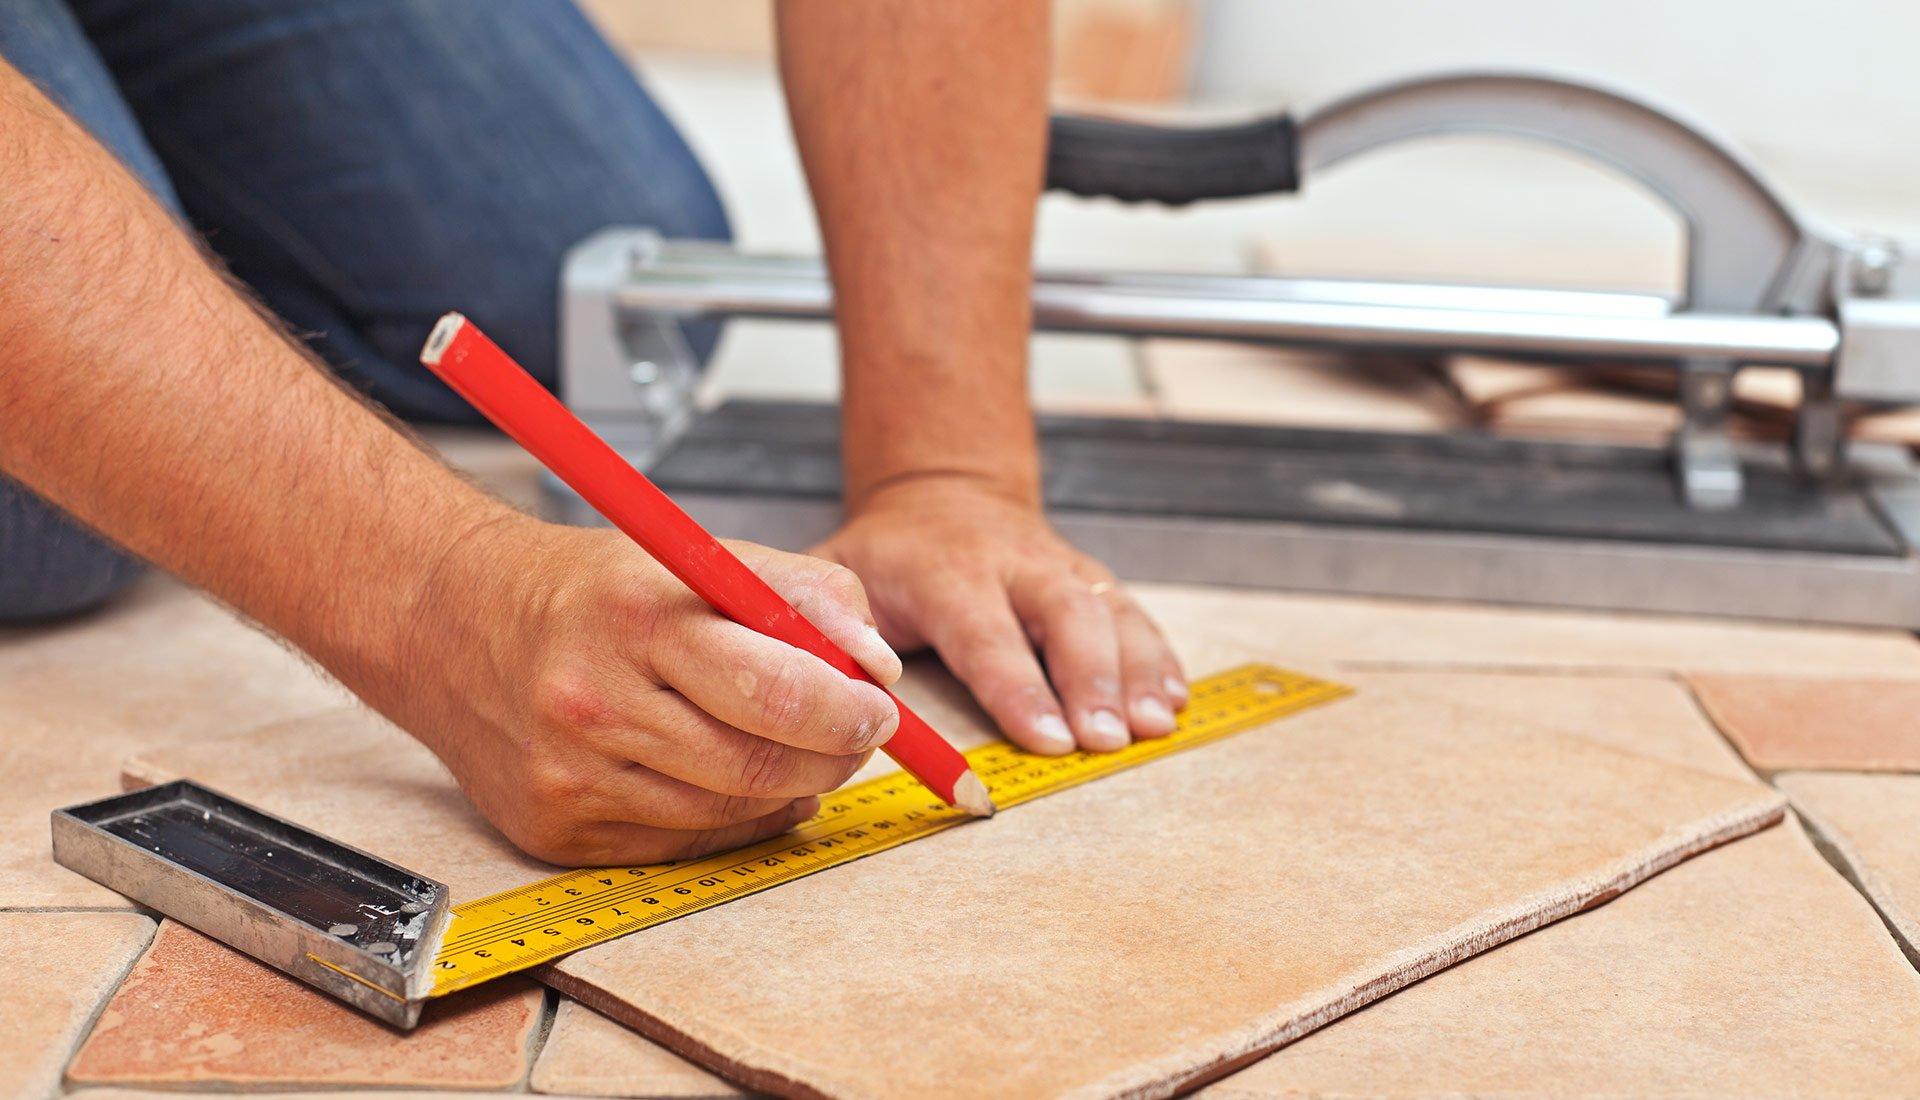 Tile services